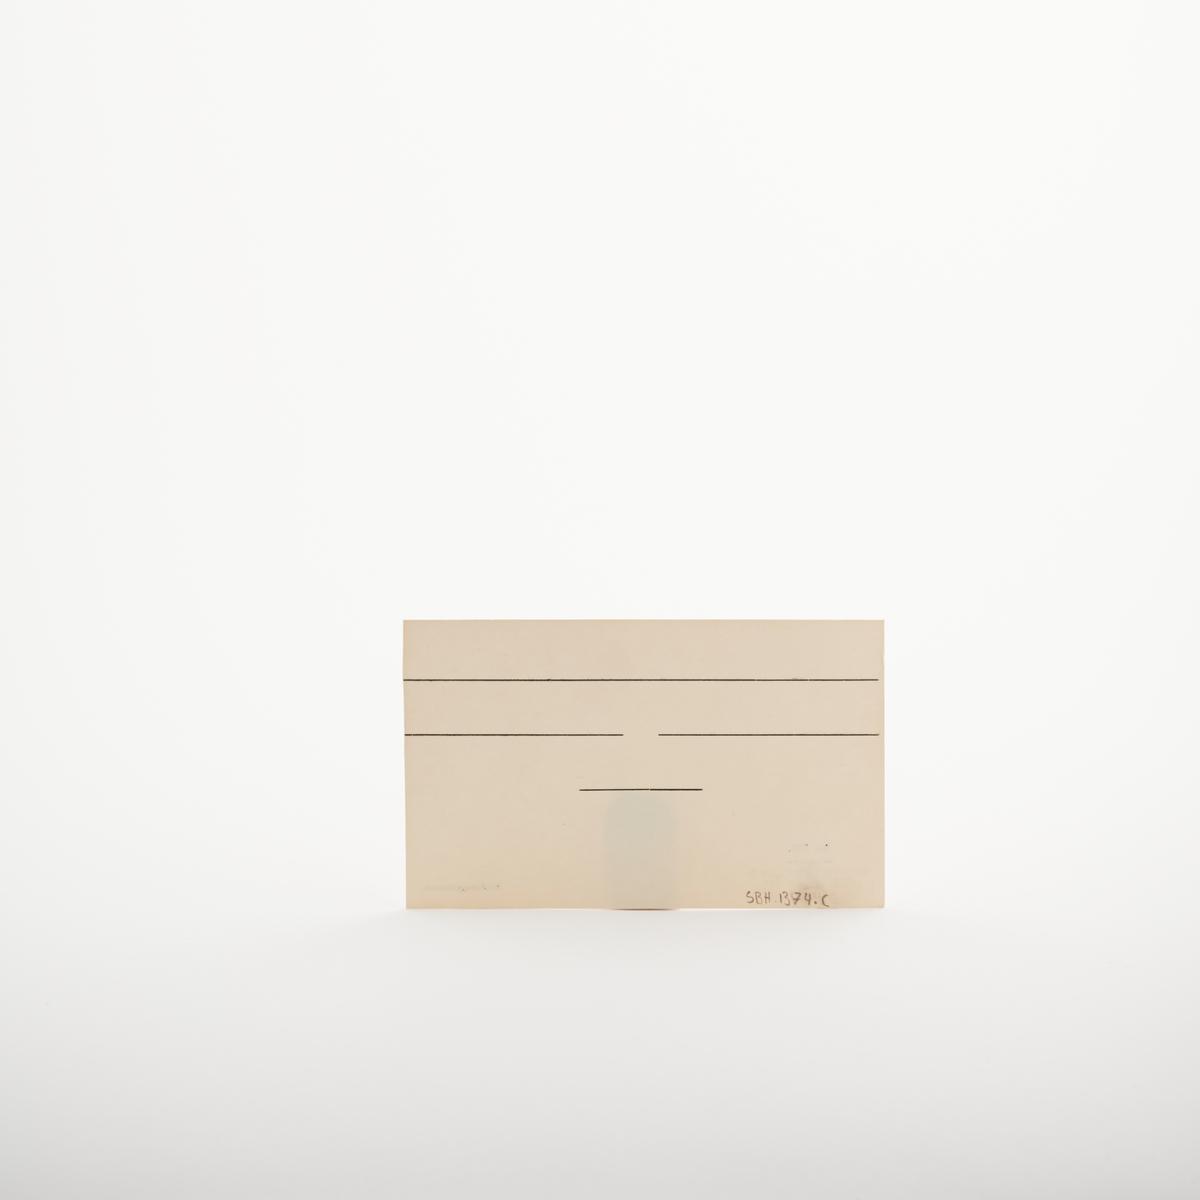 """Kartotekkort med svarte linjer på forside og bakside. Nede i venstre hjørne er teksten """" Nr. 721. På lager hos Sem & Stenersen A/S, Oslo, 2-53"""". Nedre i høyre hjørne står det """"Alfabetregisterkort"""".  NAV-samlingen er en gruppe av gjenstander som har vært anvendt på sosialkontoret (Aetat - NAV) i Skedsmo kommune."""